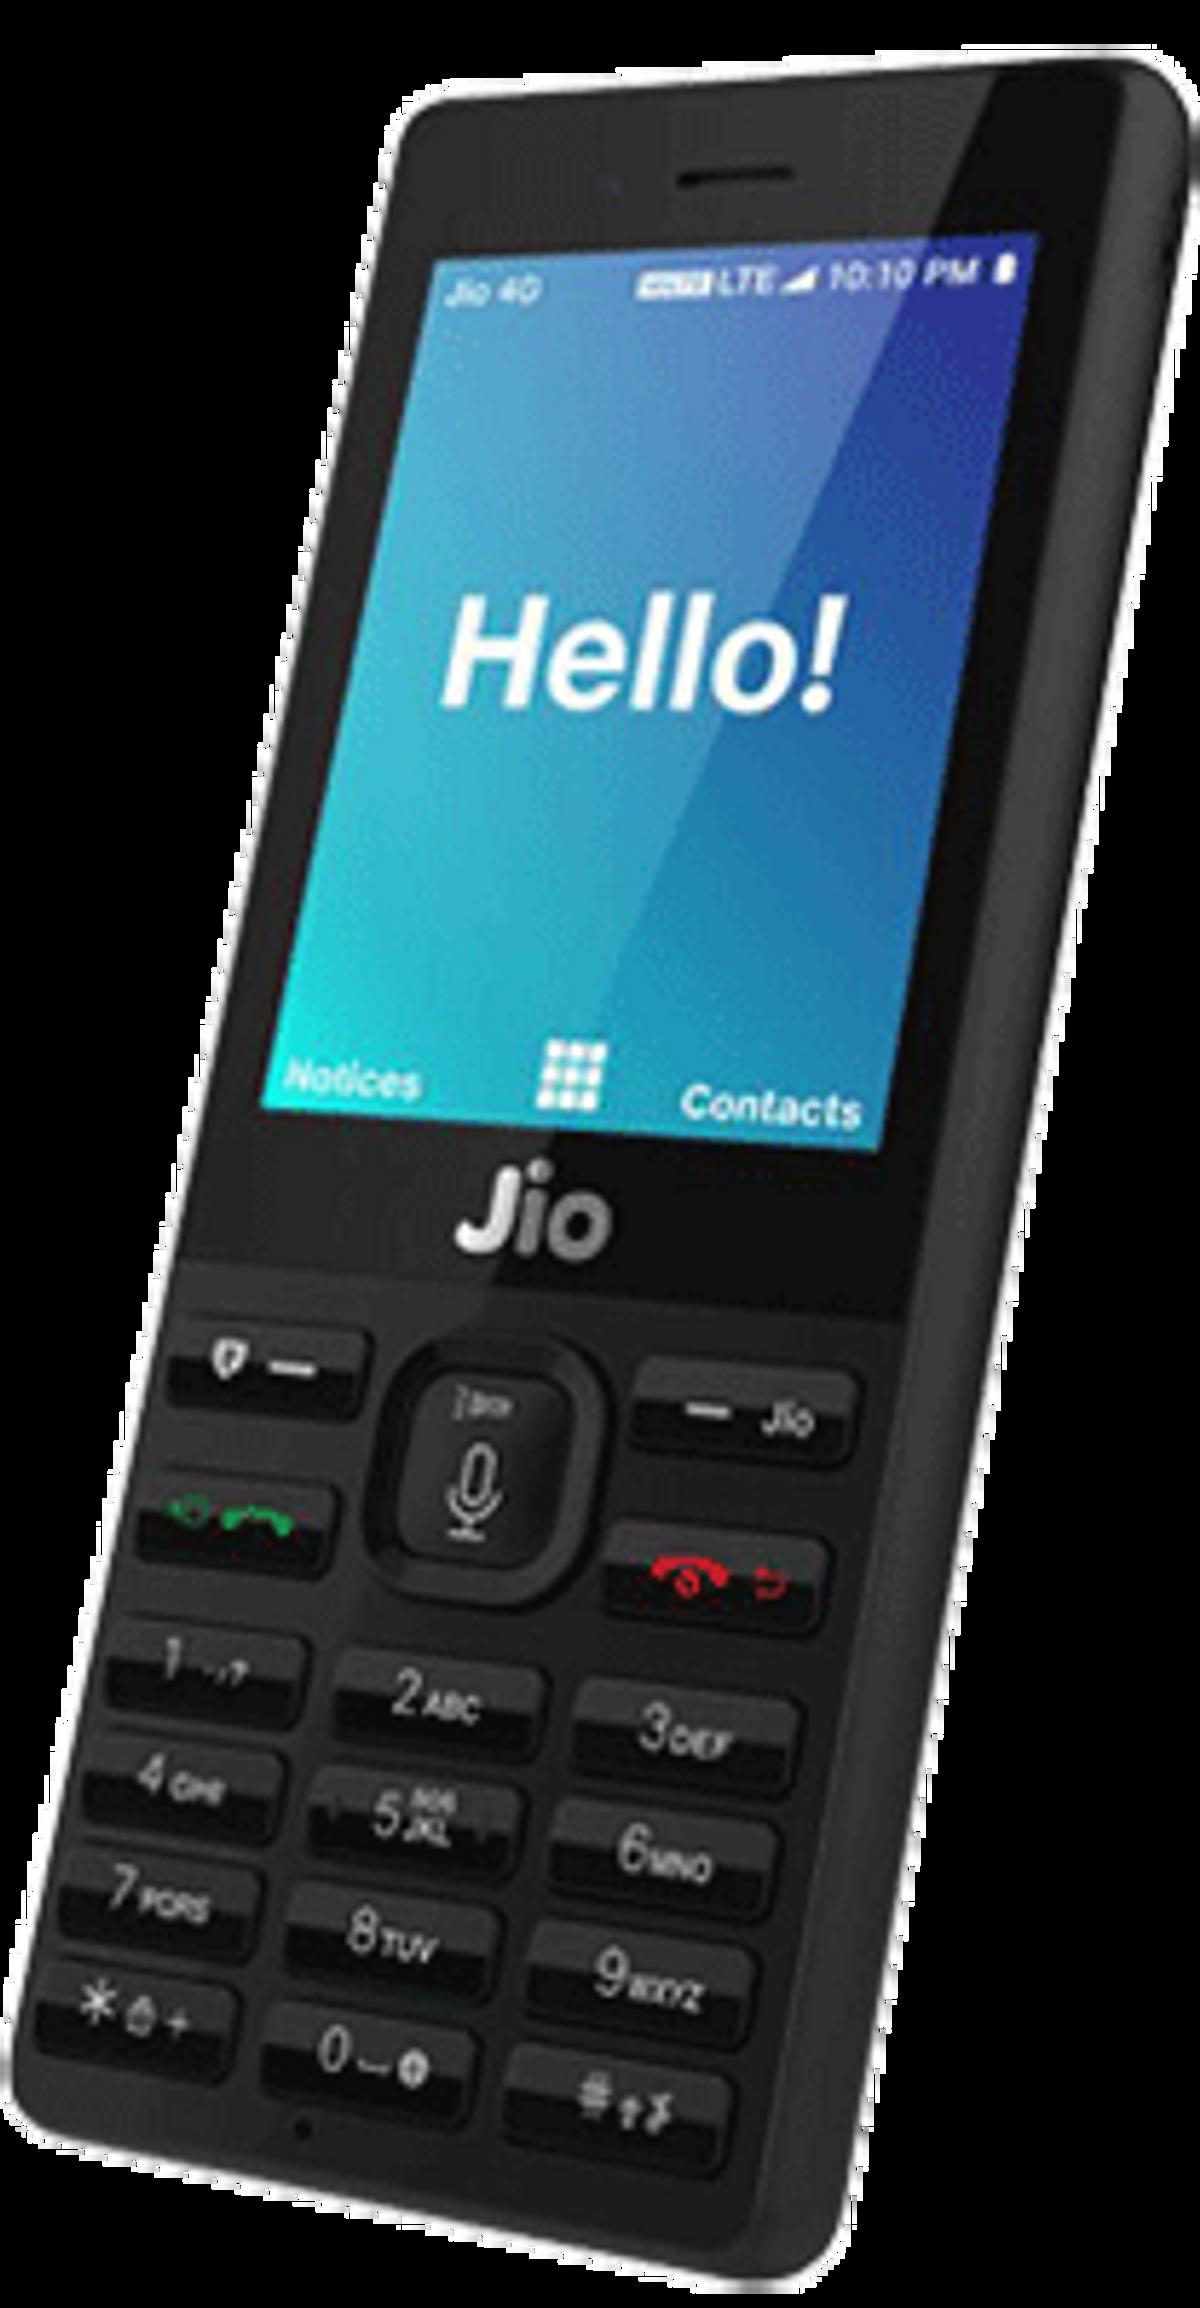 जिओ फोन